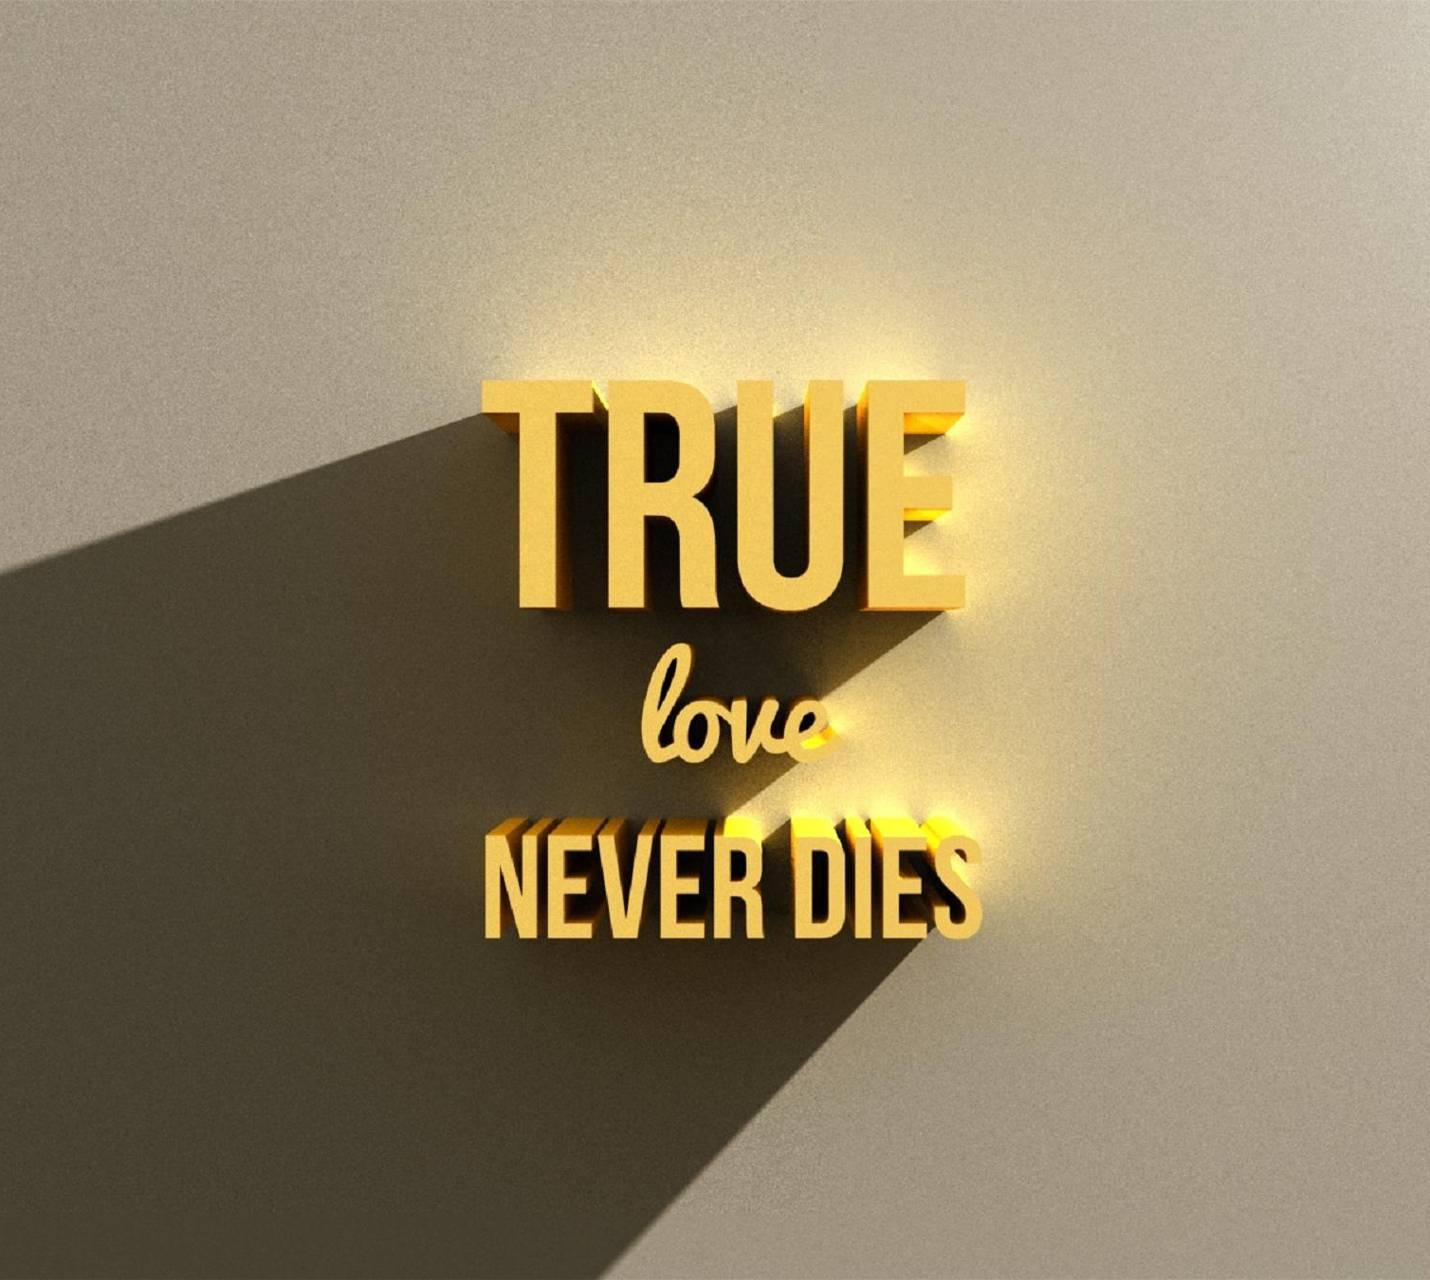 True Love never dies